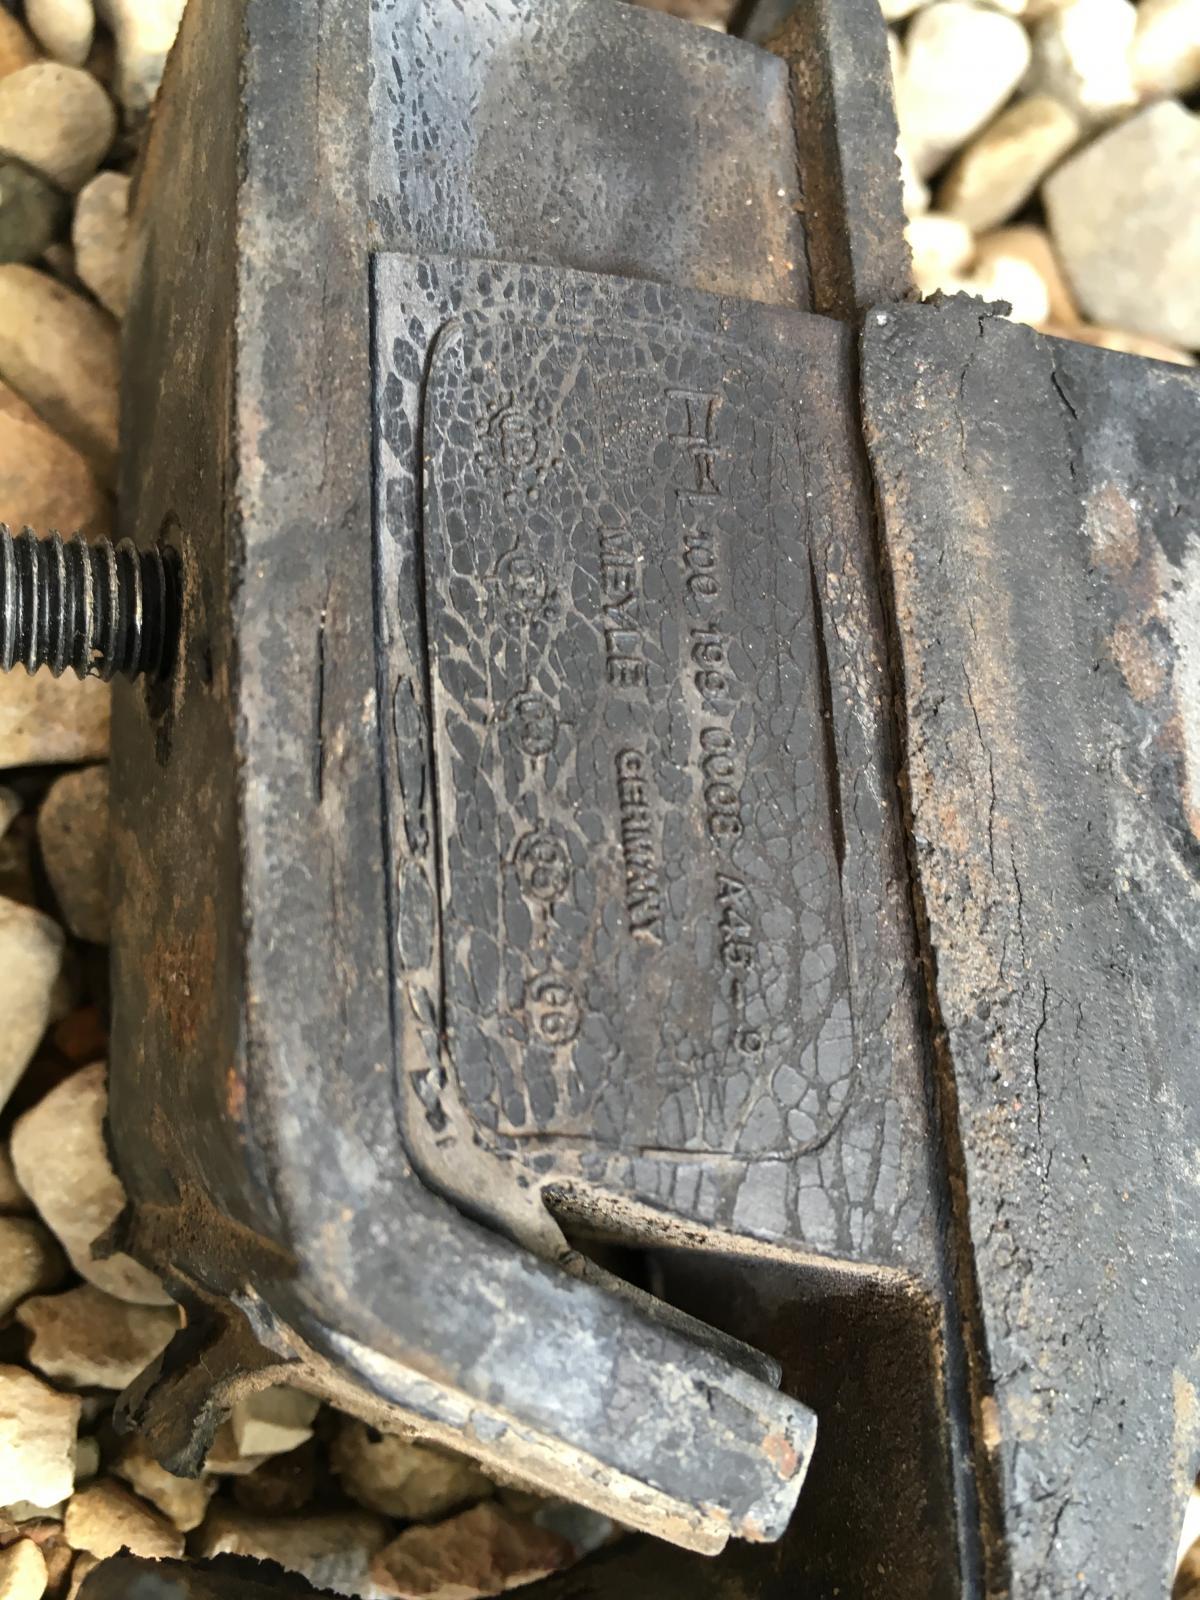 Motor mount leaned